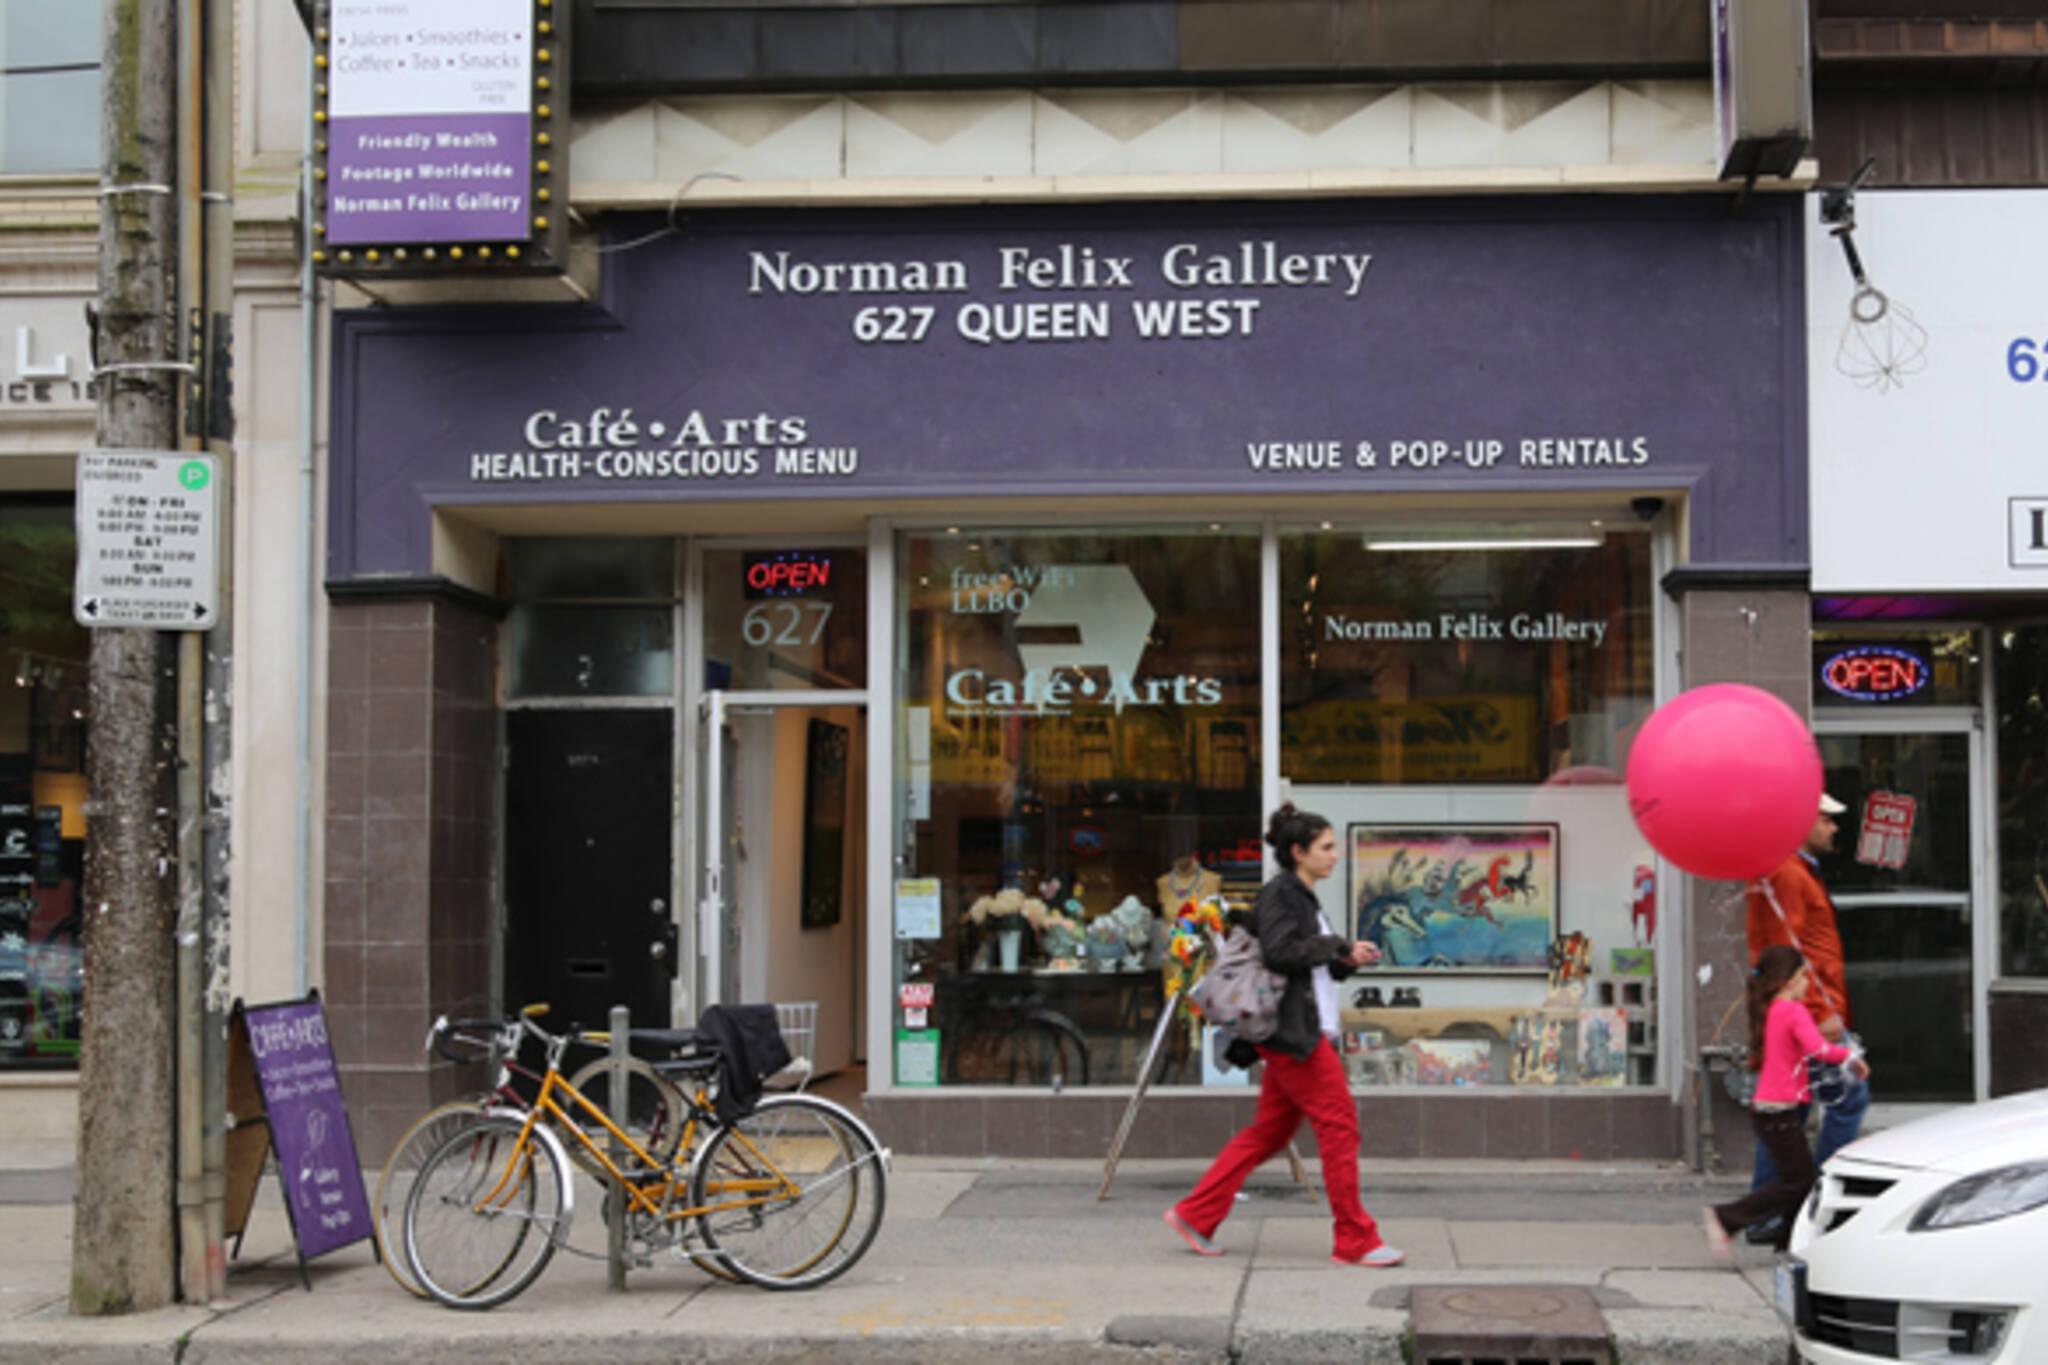 Norman Felix Gallery